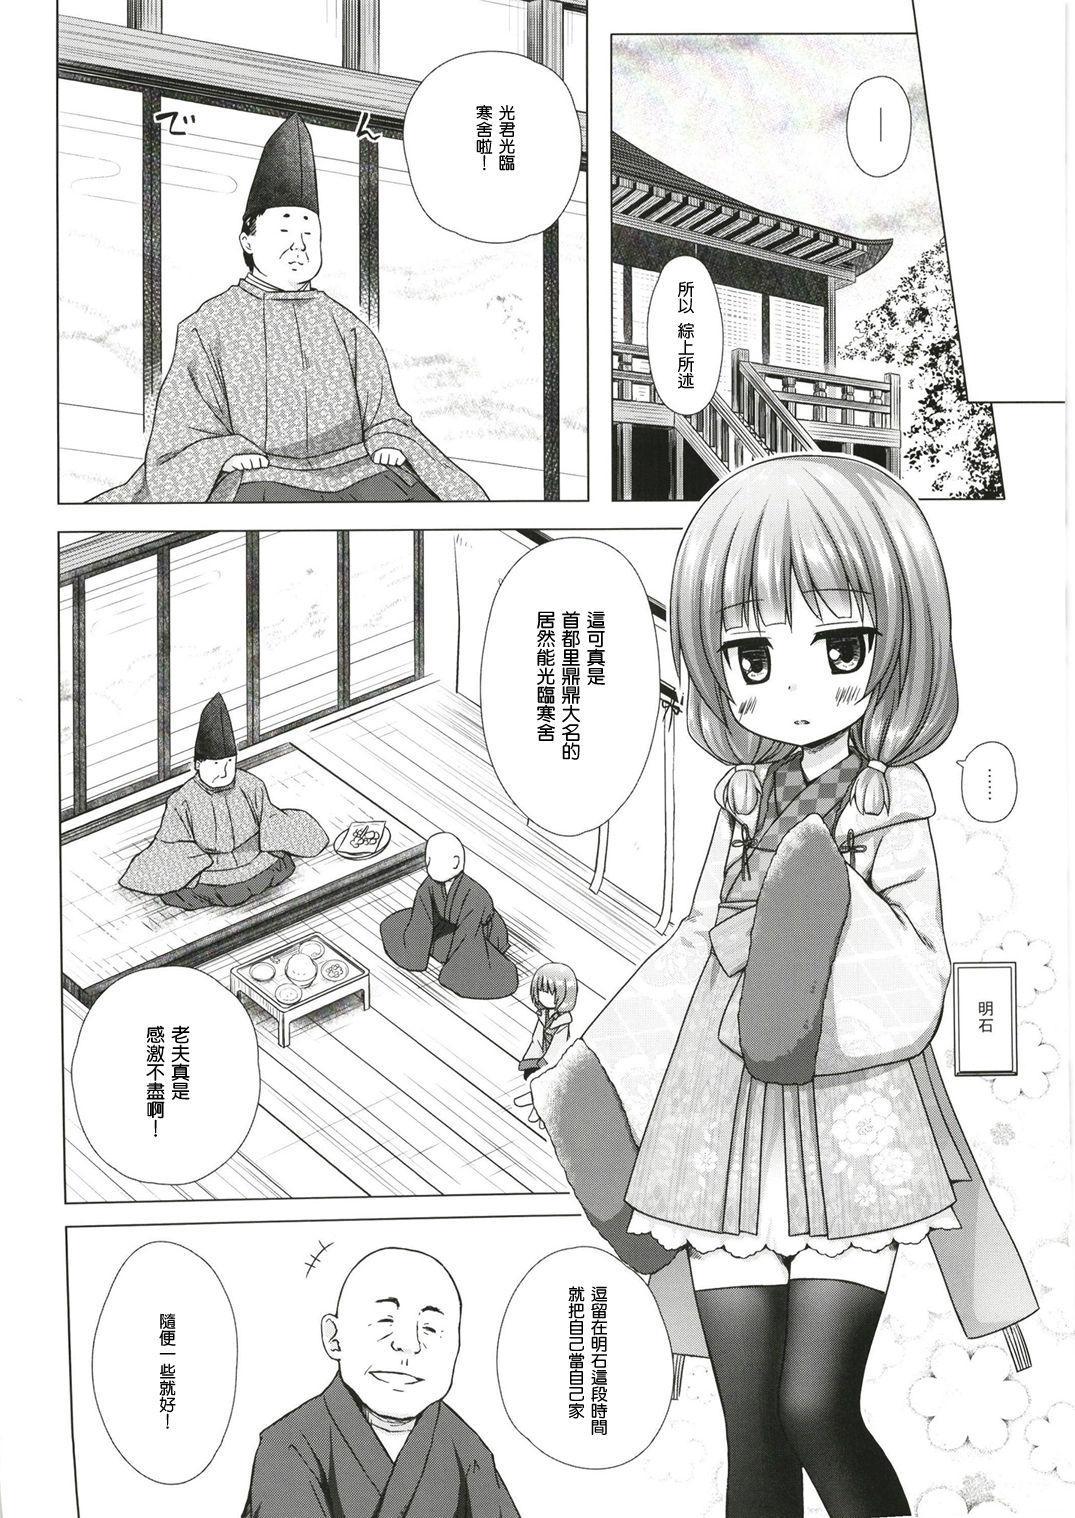 Hikari no Kimi no Saganaki Keikaku <Akashi> 3